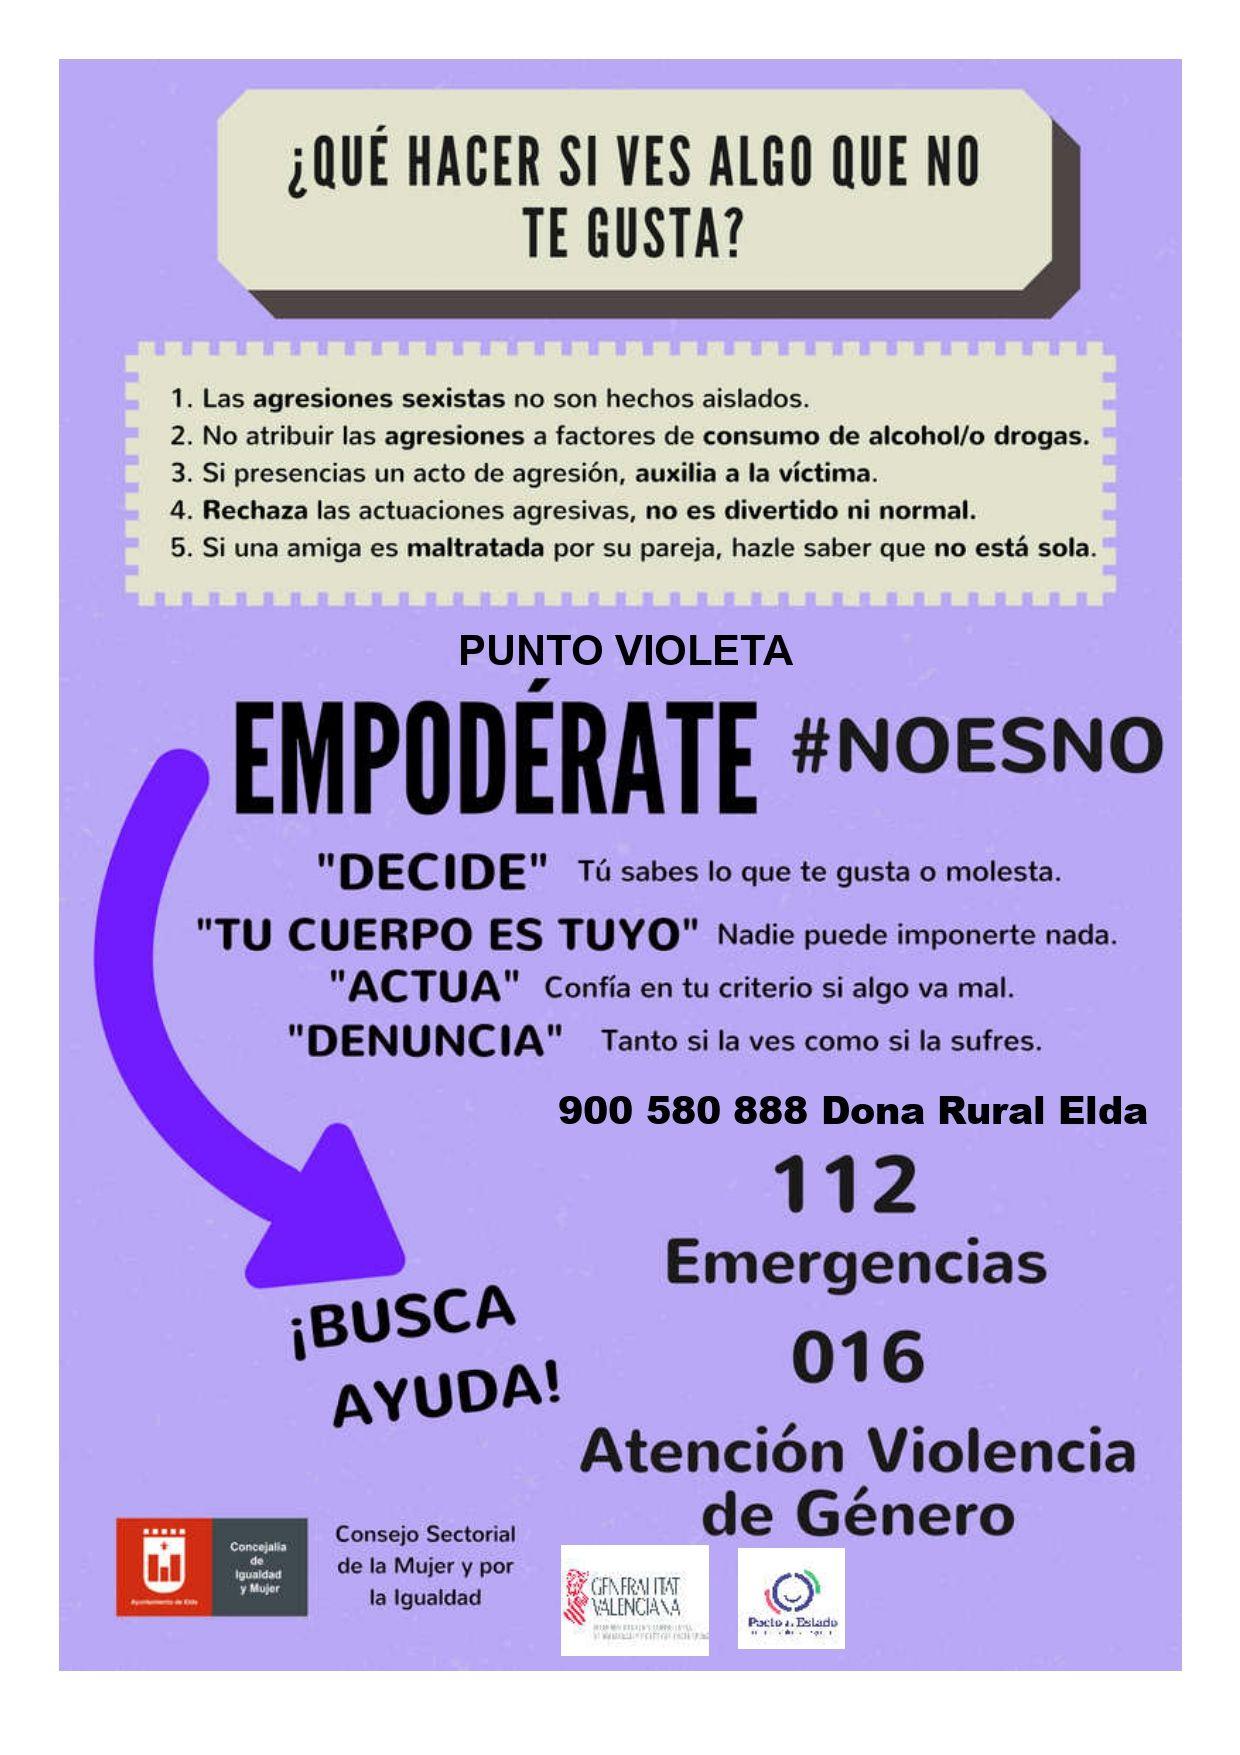 Puntos Violeta Moros y Cristianos Elda